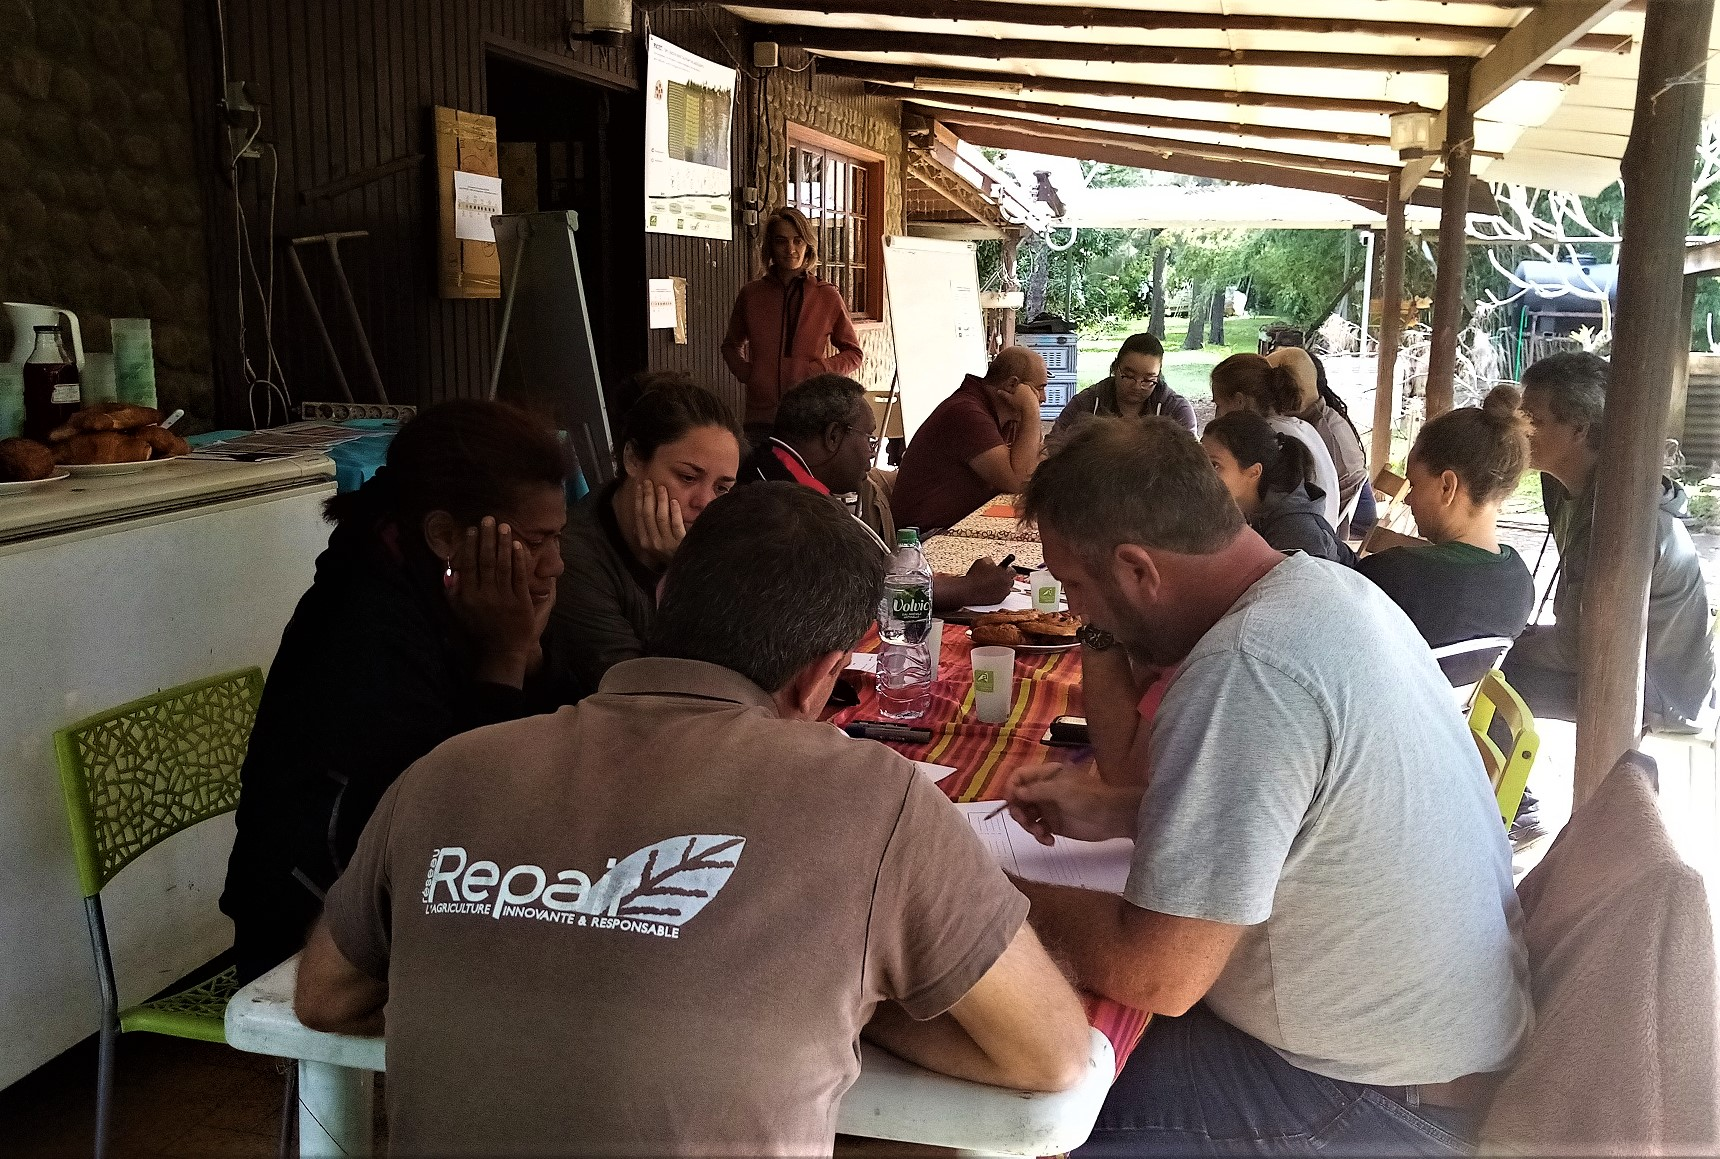 CANC+IAE+protège+CPS+SPC+stage+wacapo+GDS-V +repair+agriculture+responsable+nouvelle+caledonie+AR+certification+label+certification+produits+locaux+environnement